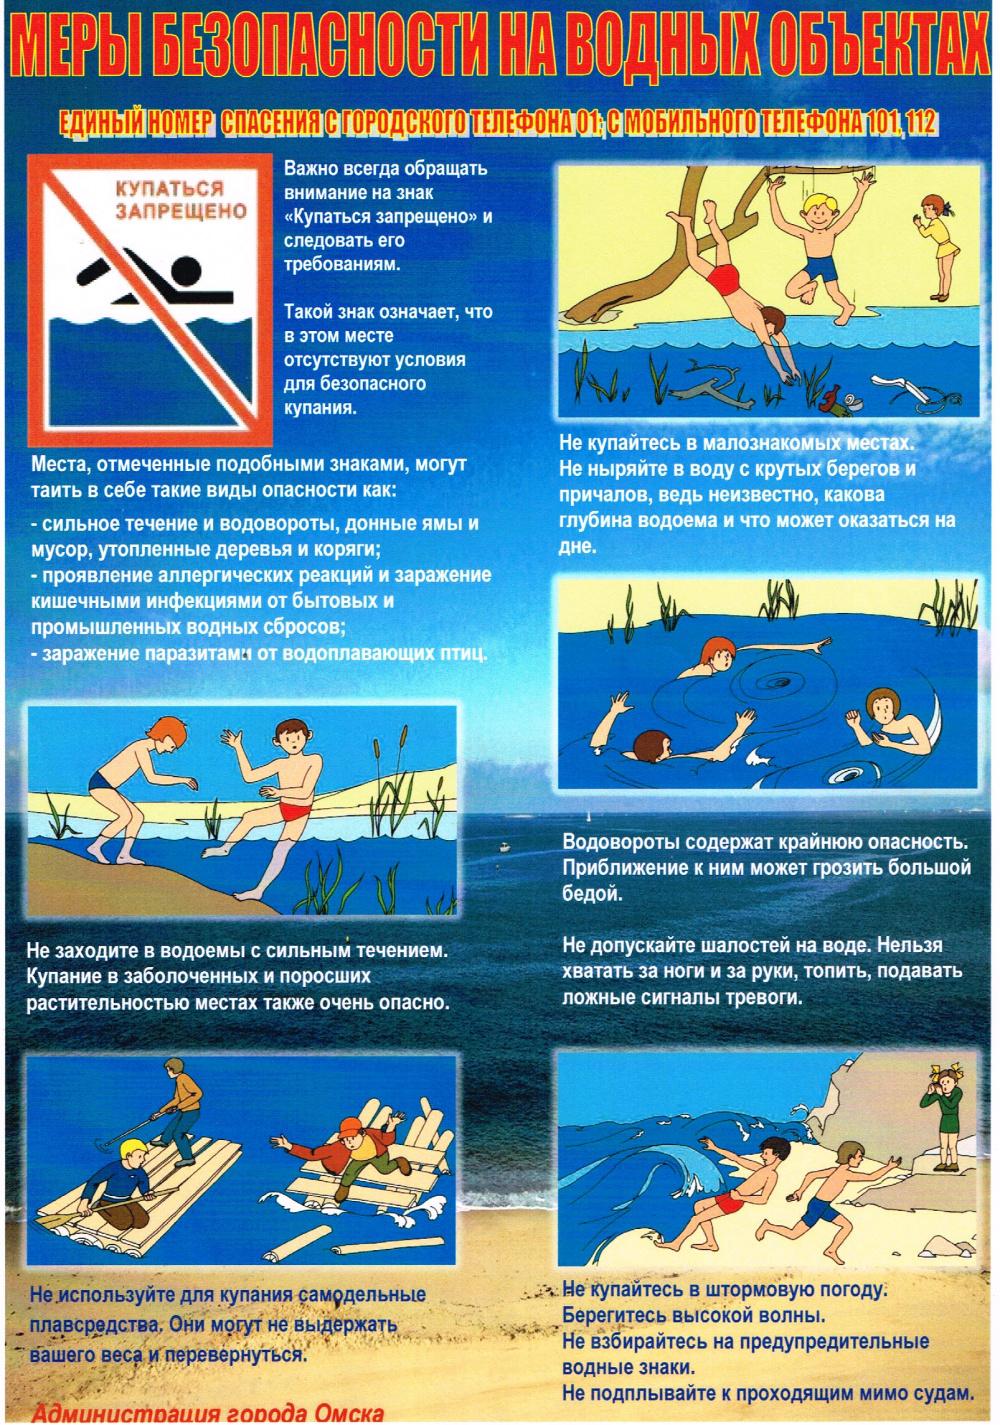 Месячник безопасности людей на водных объектах